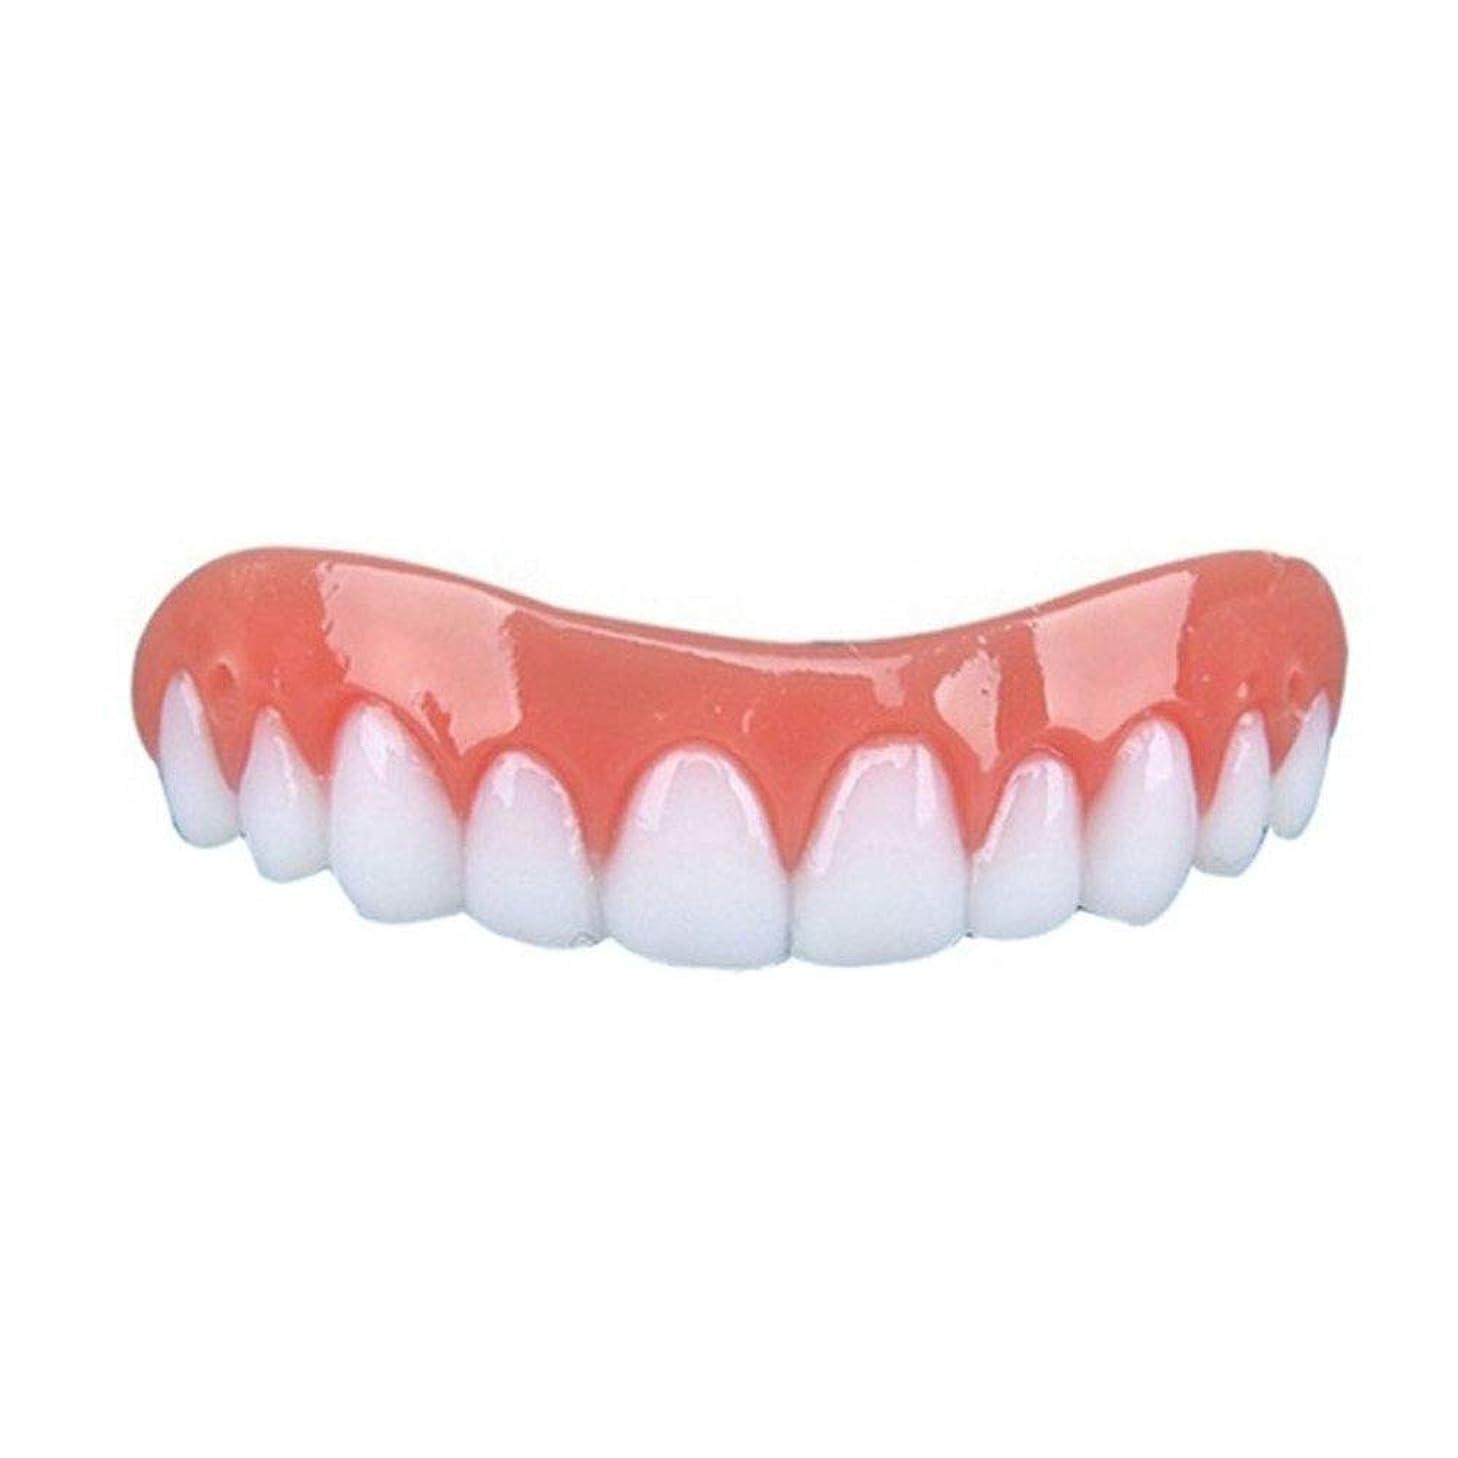 ビール意識的スキニーBartram 歯カバー シリコン義歯ペースト 上歯 笑顔を保つ 歯保護 美容用 入れ歯 矯正義歯